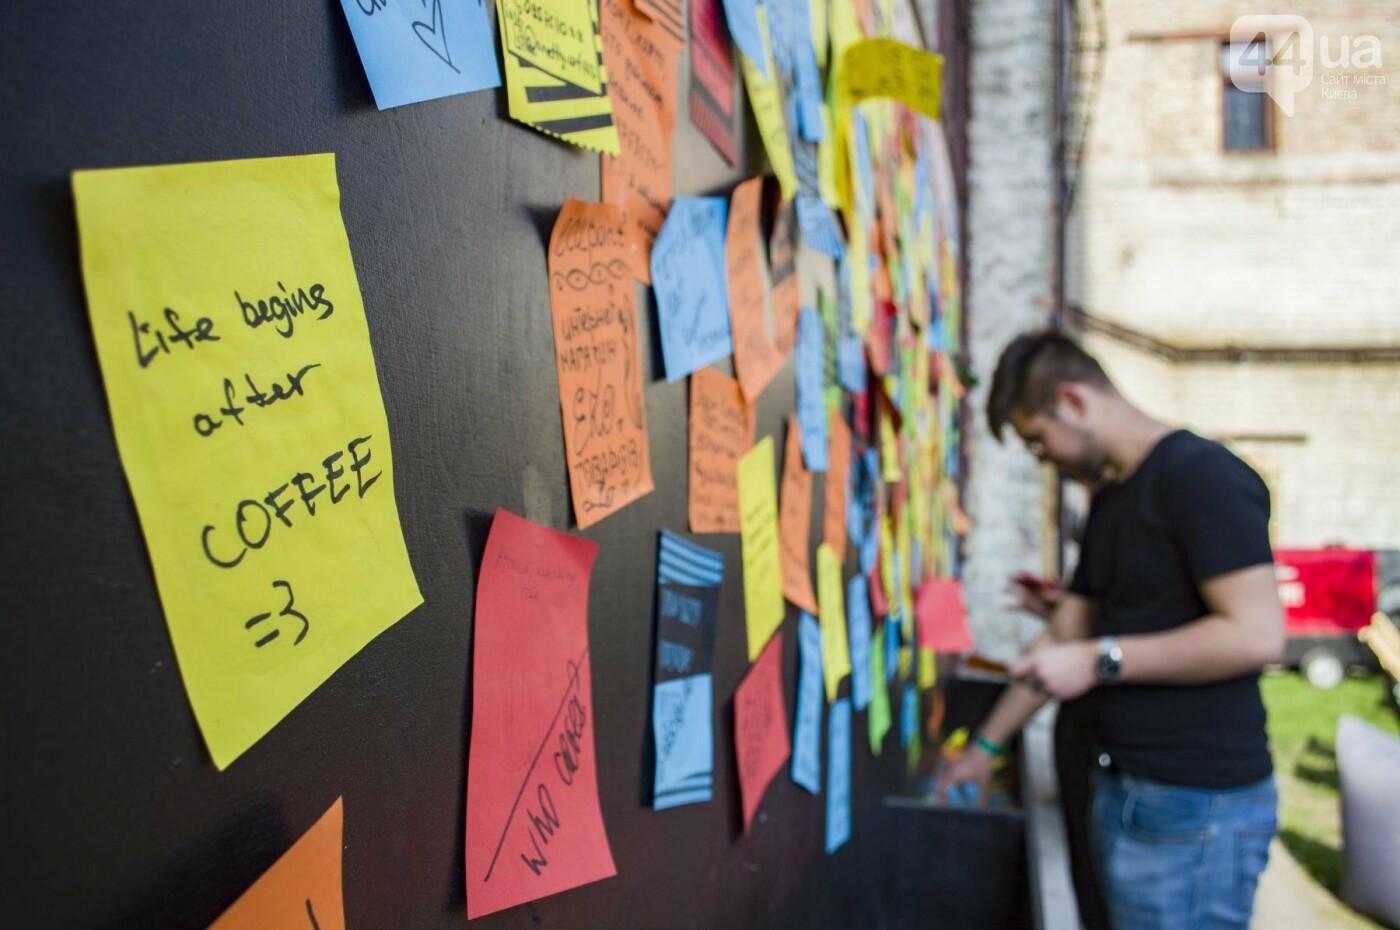 В Киеве прошел самый масштабный кофейный фестиваль страны, фото-16